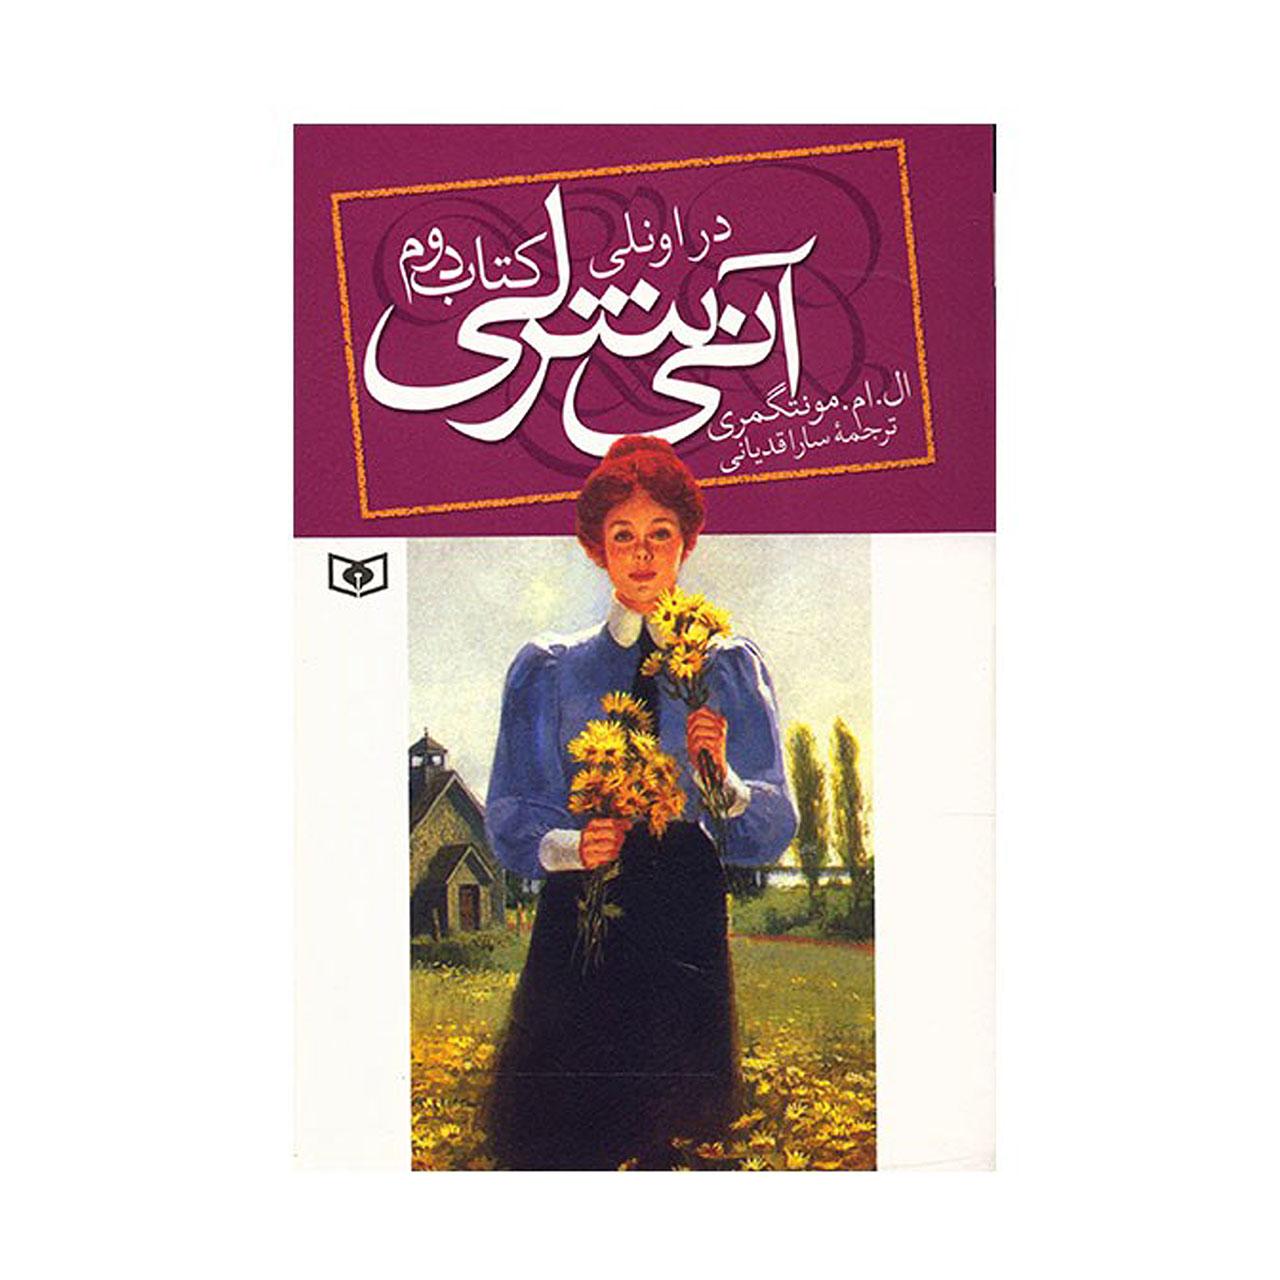 خرید                      کتاب آنی شرلی در اونلی اثر ال. ام. مونتگمری انتشارات قدیانی